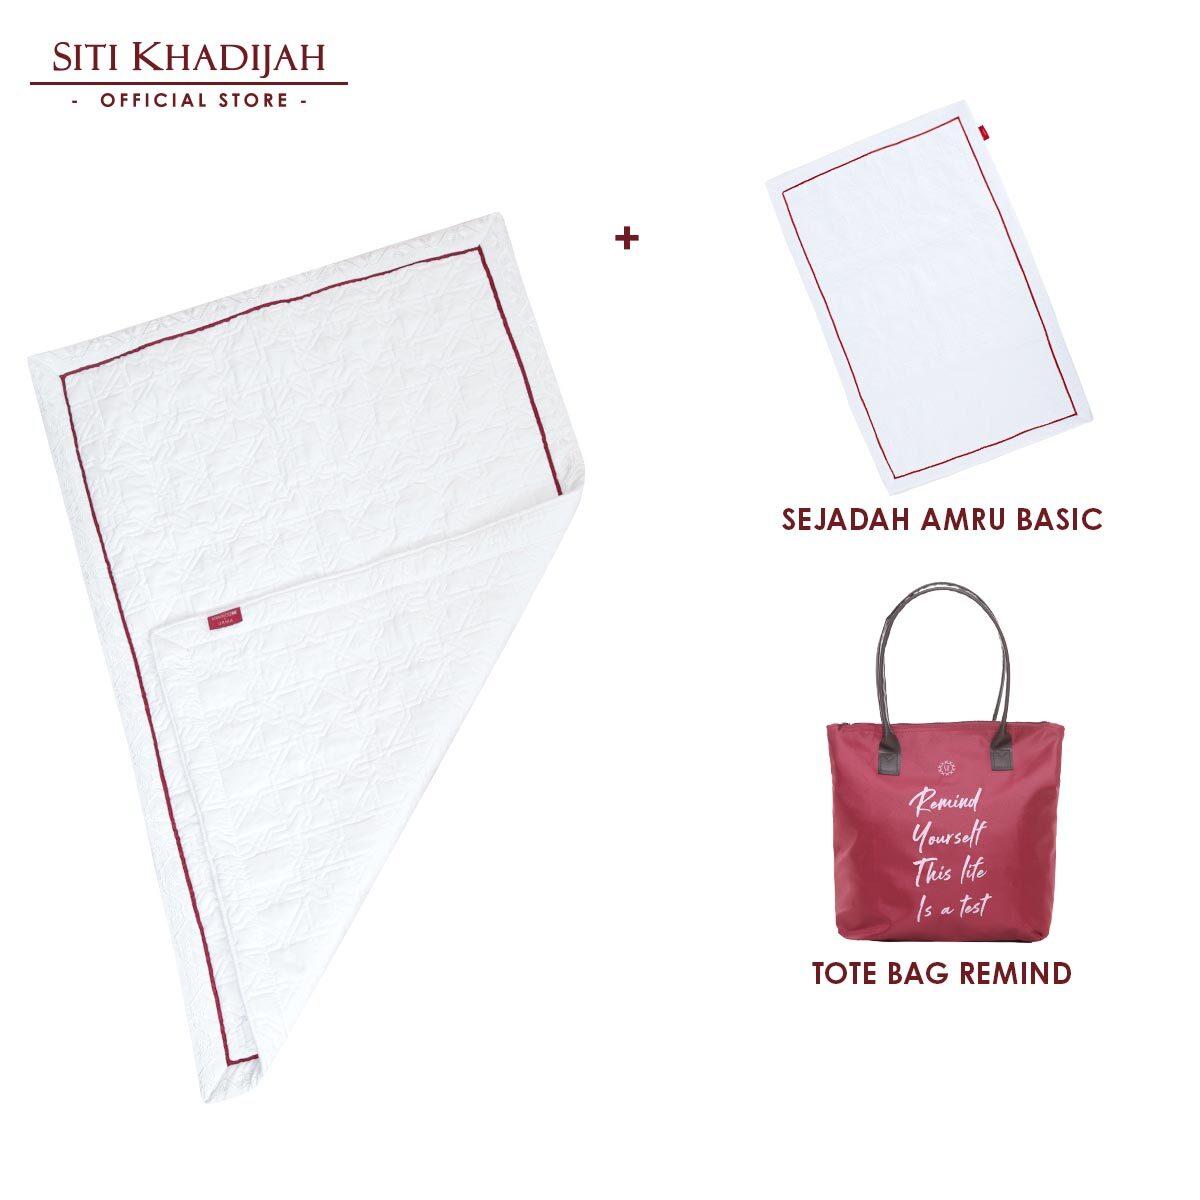 Siti Khadijah Sejadah Amru Mini + Sejadah Amru Basic (Free Tote Bag Remind)